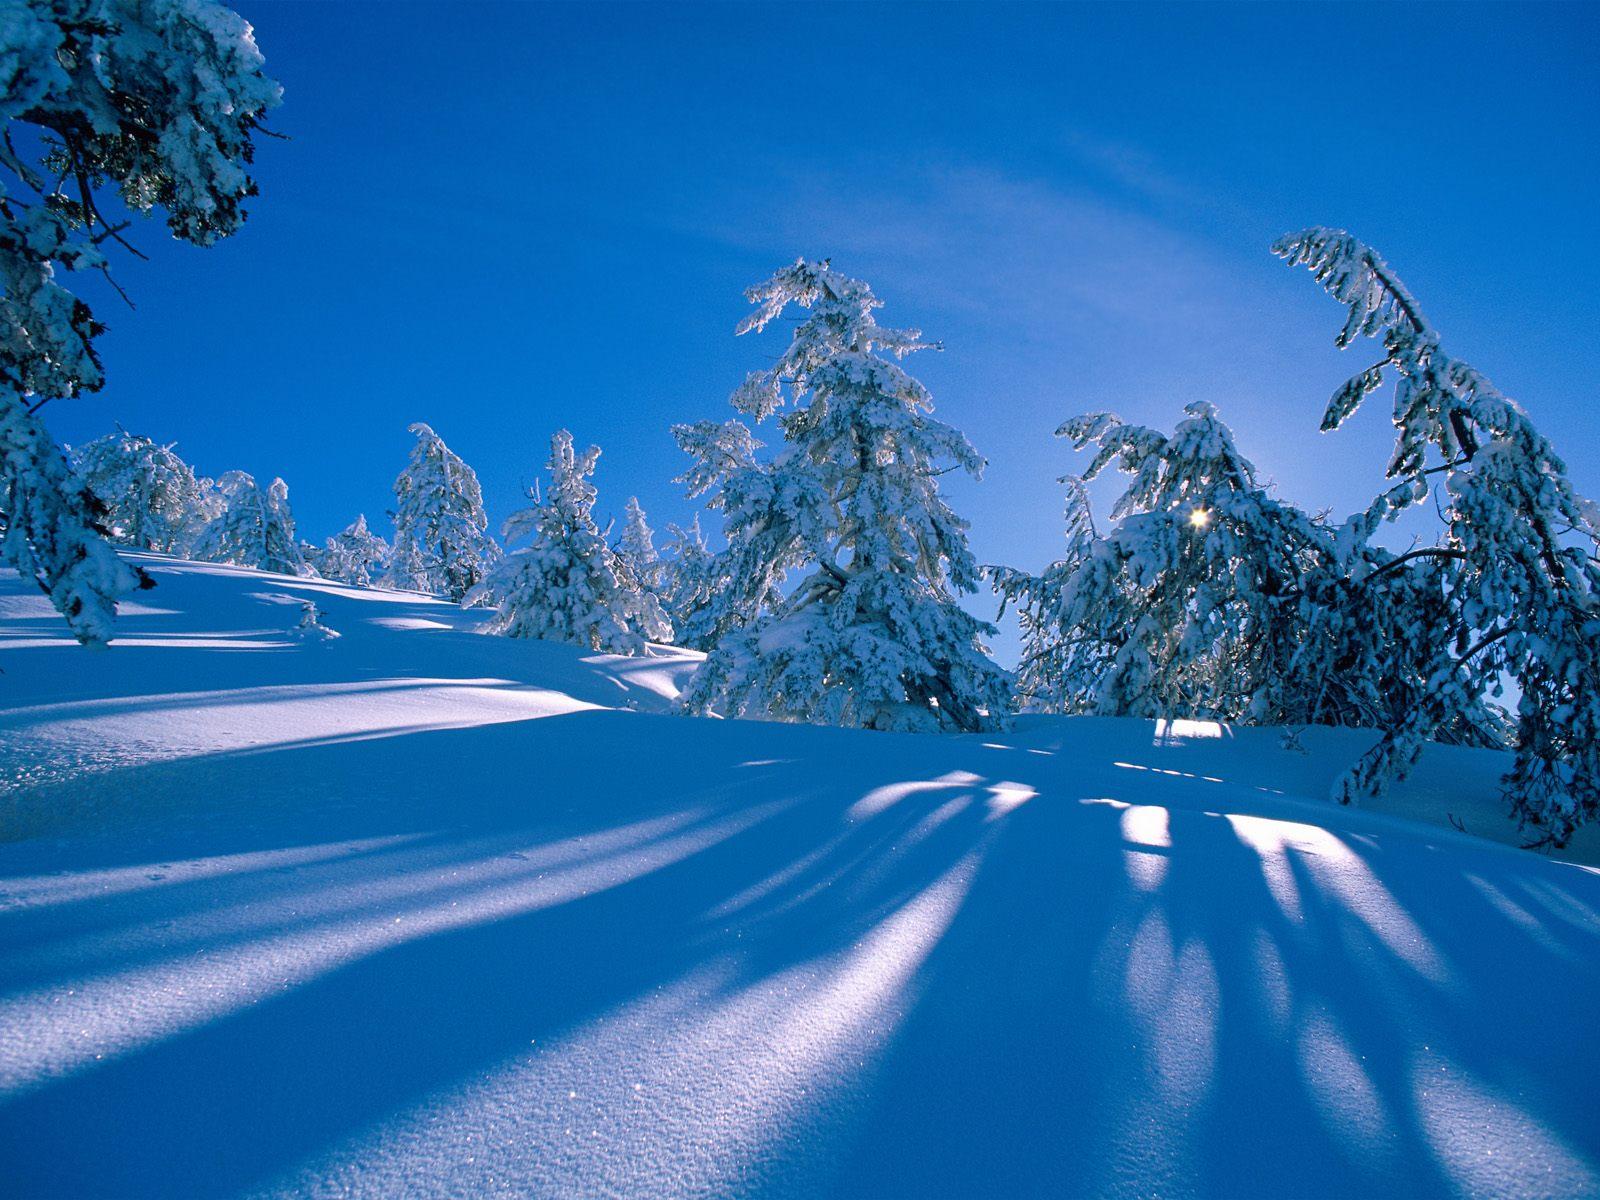 Зимняя природа 1600 x 1200